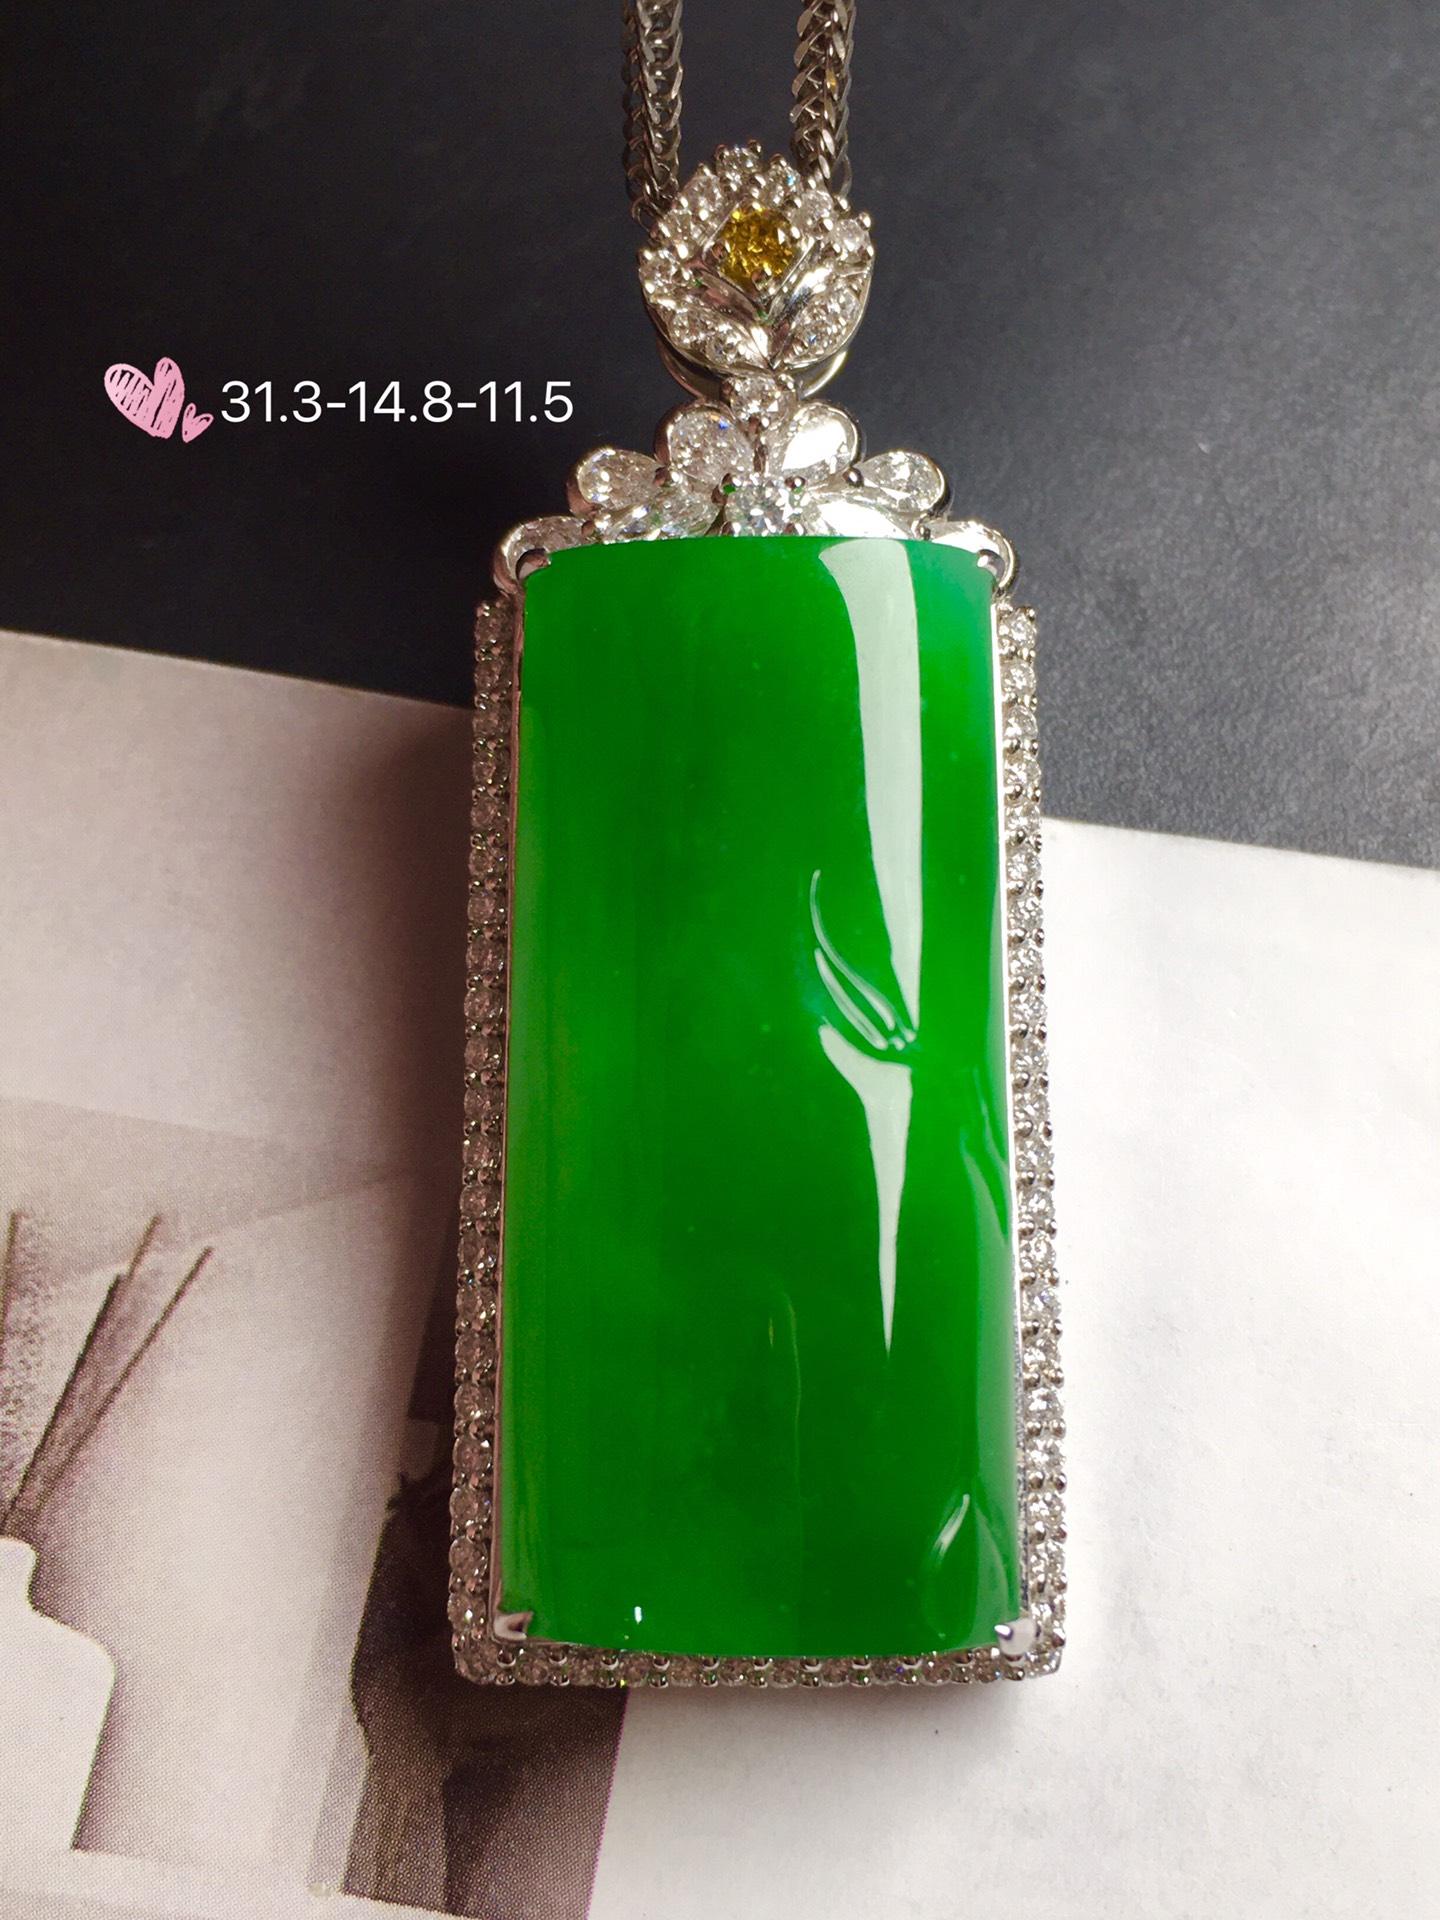 价:【竹报平安,冰正阳绿】通透,润水细腻,完美无瑕,18k金华奢钻镶石嵌☕